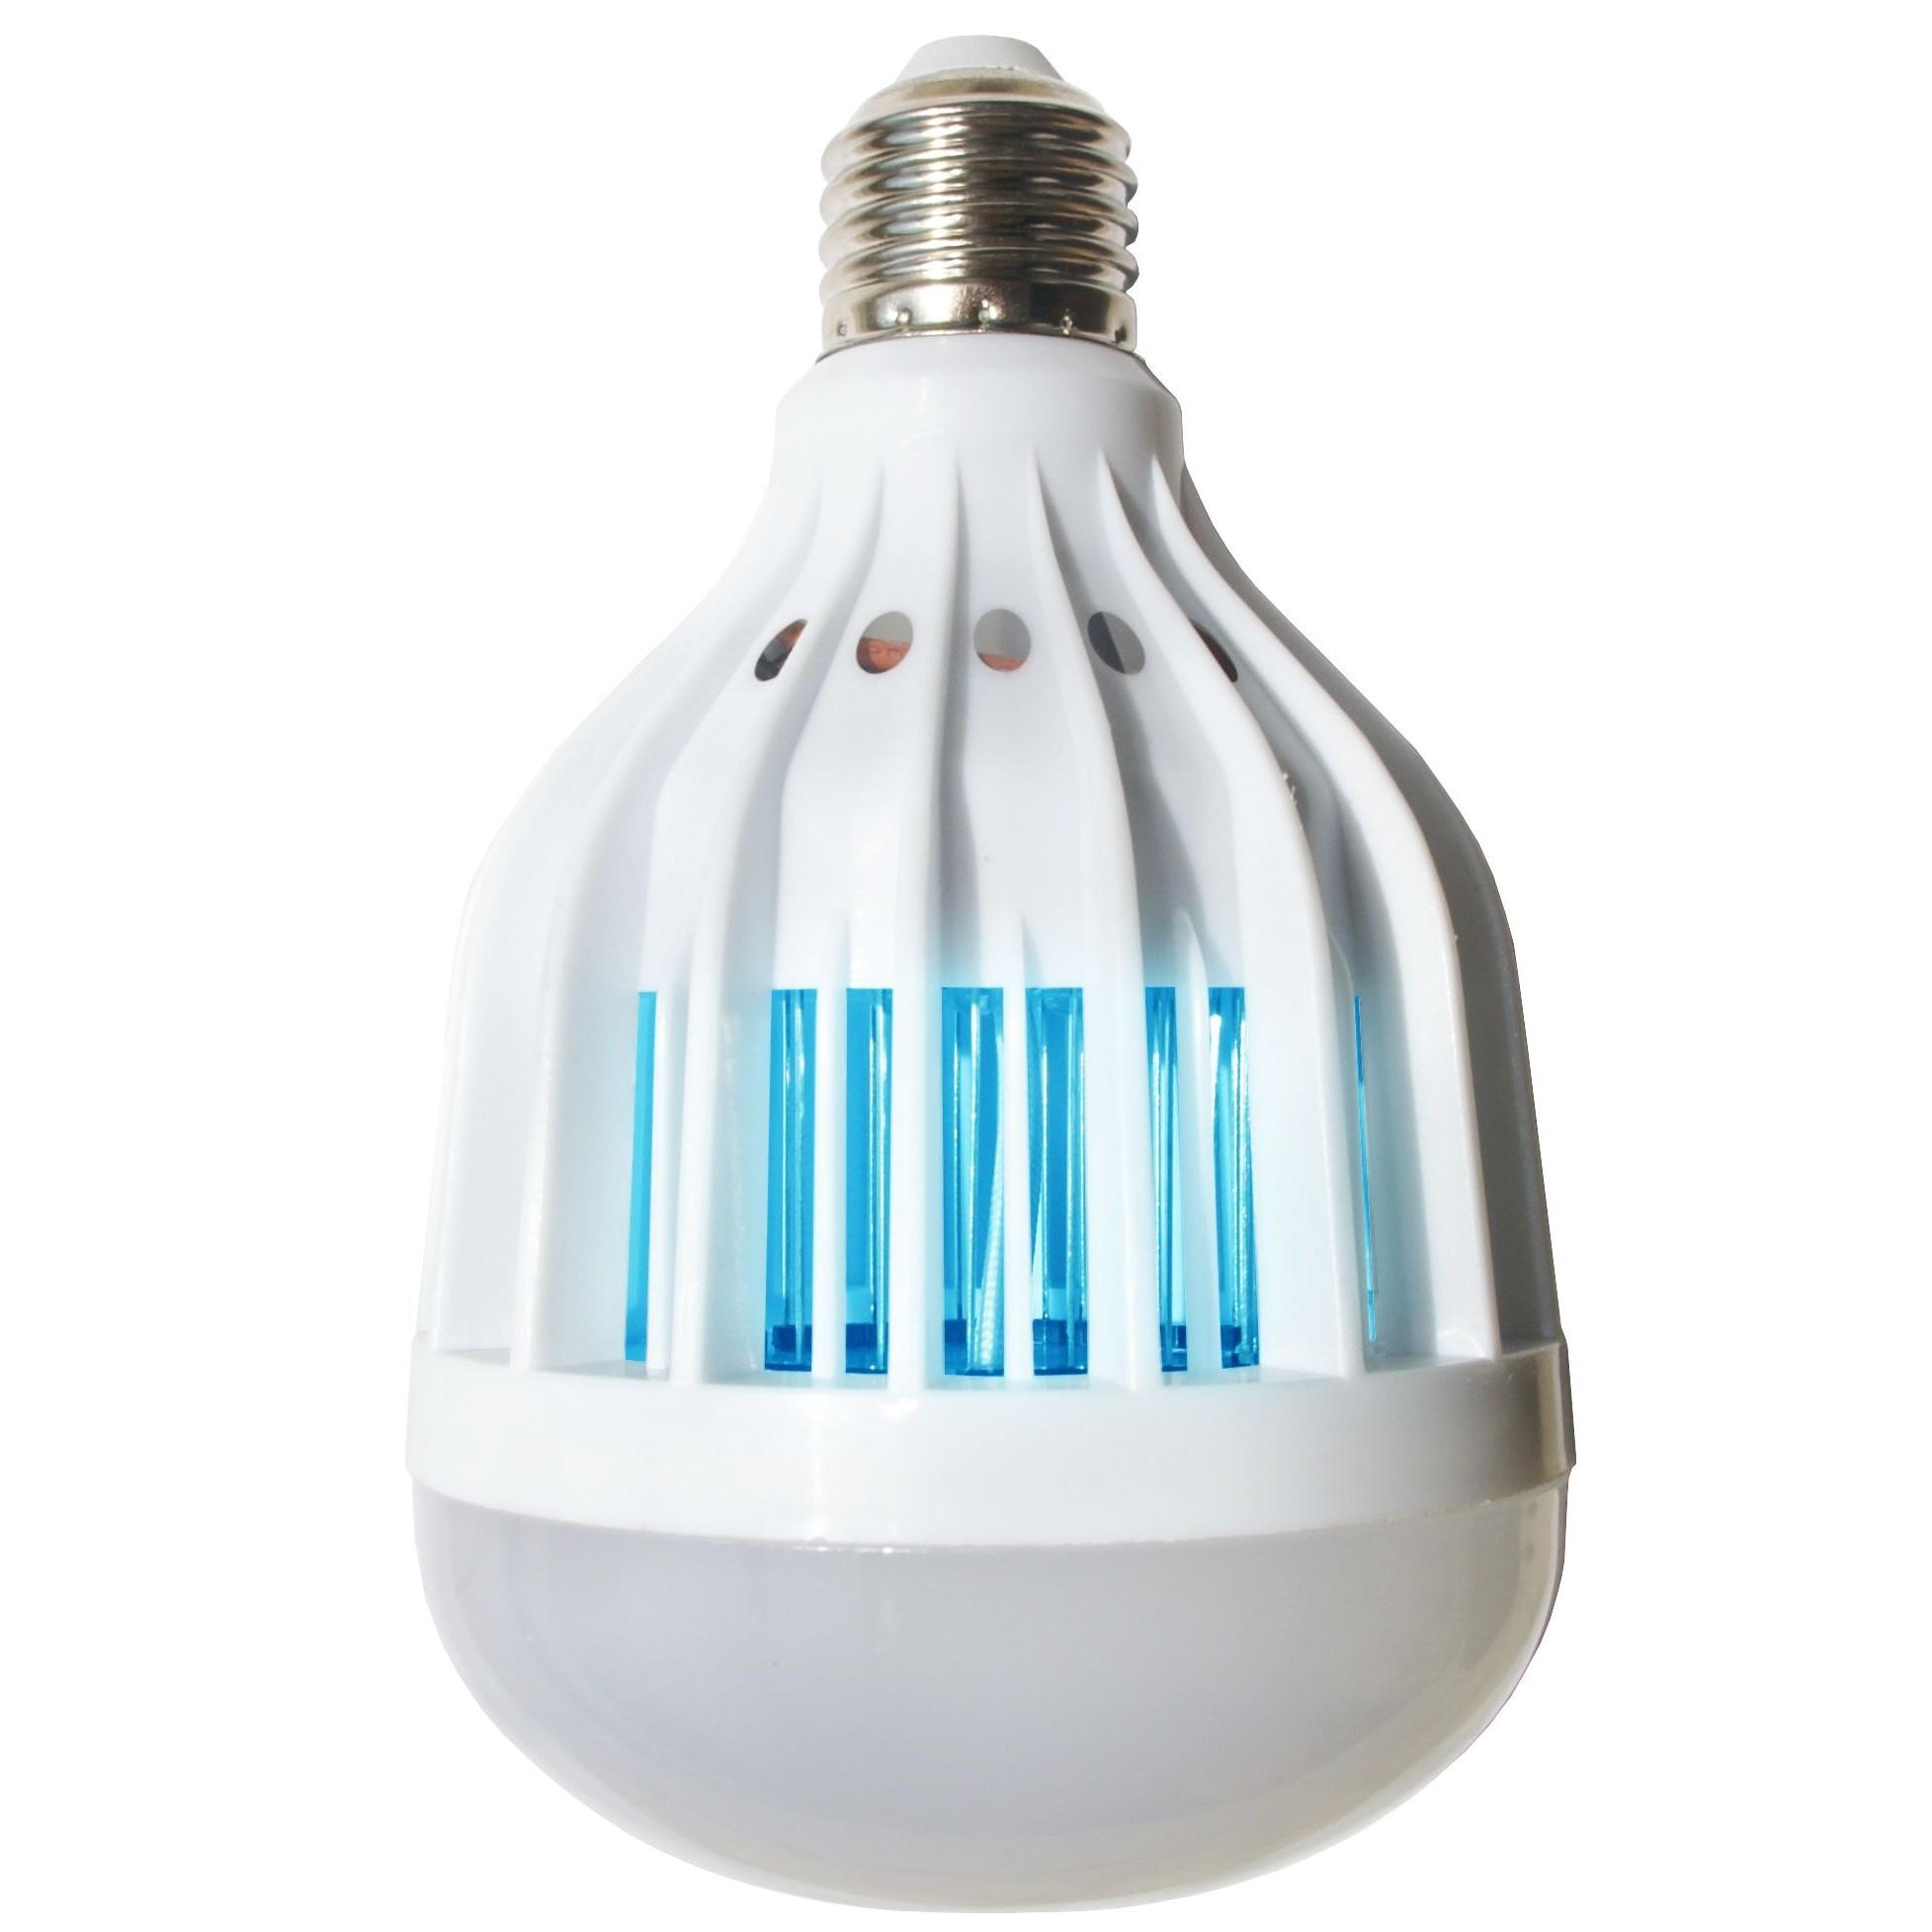 Mata Inseto com Lampada LED 9W 220V - LED Protect